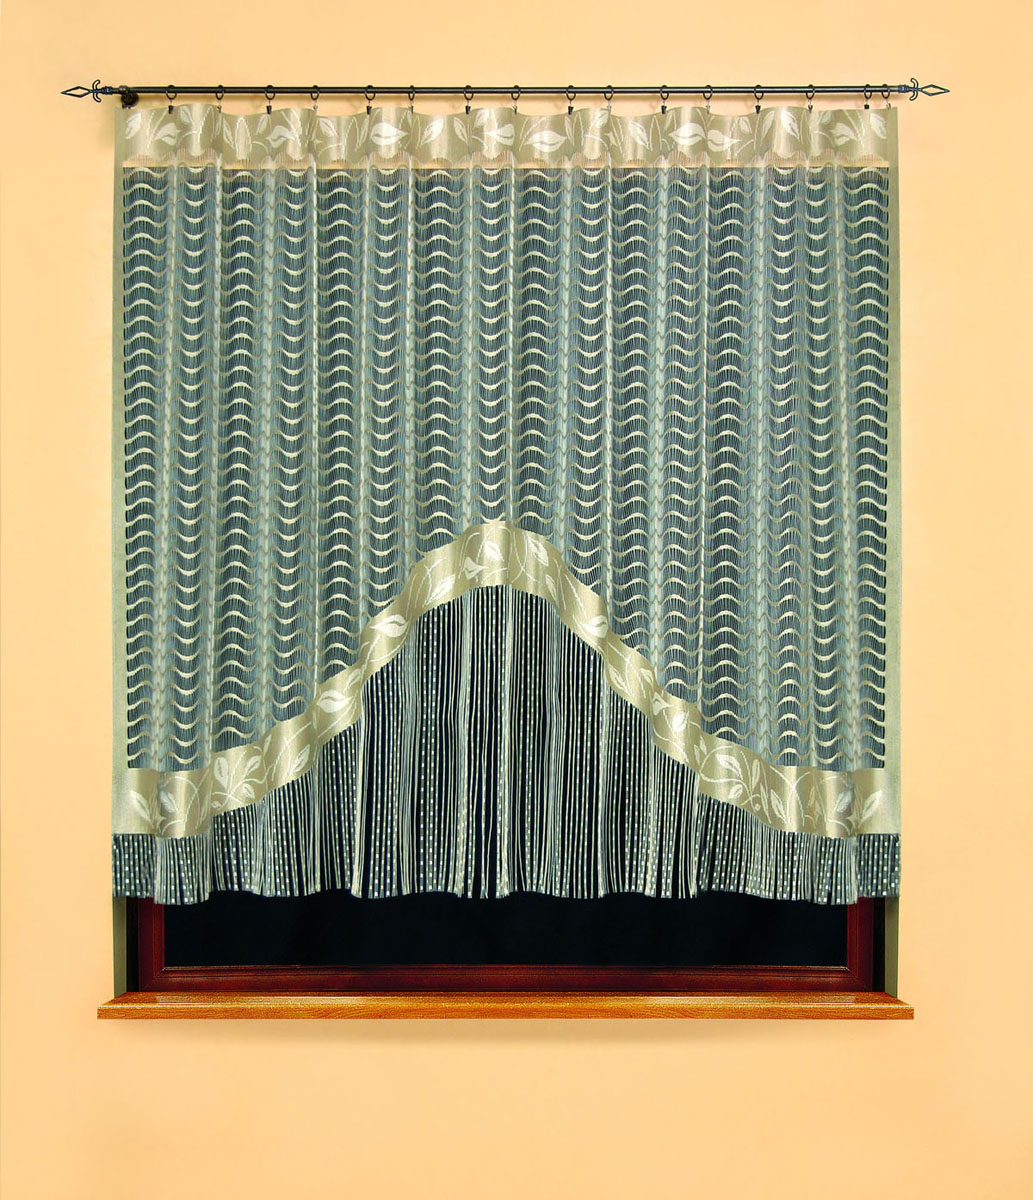 Гардина Gracjana, цвет: бежевый, высота 180 см582266Гардина Gracjana, изготовленная из полиэстера бежевого цвета, станет великолепным украшением любого окна. Нижняя часть гардины оформлена бахромой. Тонкое плетение, оригинальный дизайн и нежная цветовая гамма привлекут внимание и украсят интерьер помещения. Гардина крепится к карнизу только с помощью зажимов (в комплект не входят). Характеристики:Материал: 100% полиэстер. Цвет: бежевый. Размер упаковки:37 см х 26 см х 4 см. Артикул: 582266.В комплект входит: Гардина - 1 шт. Размер (ШхВ): 300 см х 180 см. Фирма Wisan на польском рынке существует уже более пятидесяти лет и является одной из лучших польских фабрик по производству штор и тканей. Ассортимент фирмы представлен готовыми комплектами штор для гостиной, детской, кухни, а также текстилем для кухни (скатерти, салфетки, дорожки, кухонные занавески). Модельный ряд отличает оригинальный дизайн, высокое качество. Ассортимент продукции постоянно пополняется.